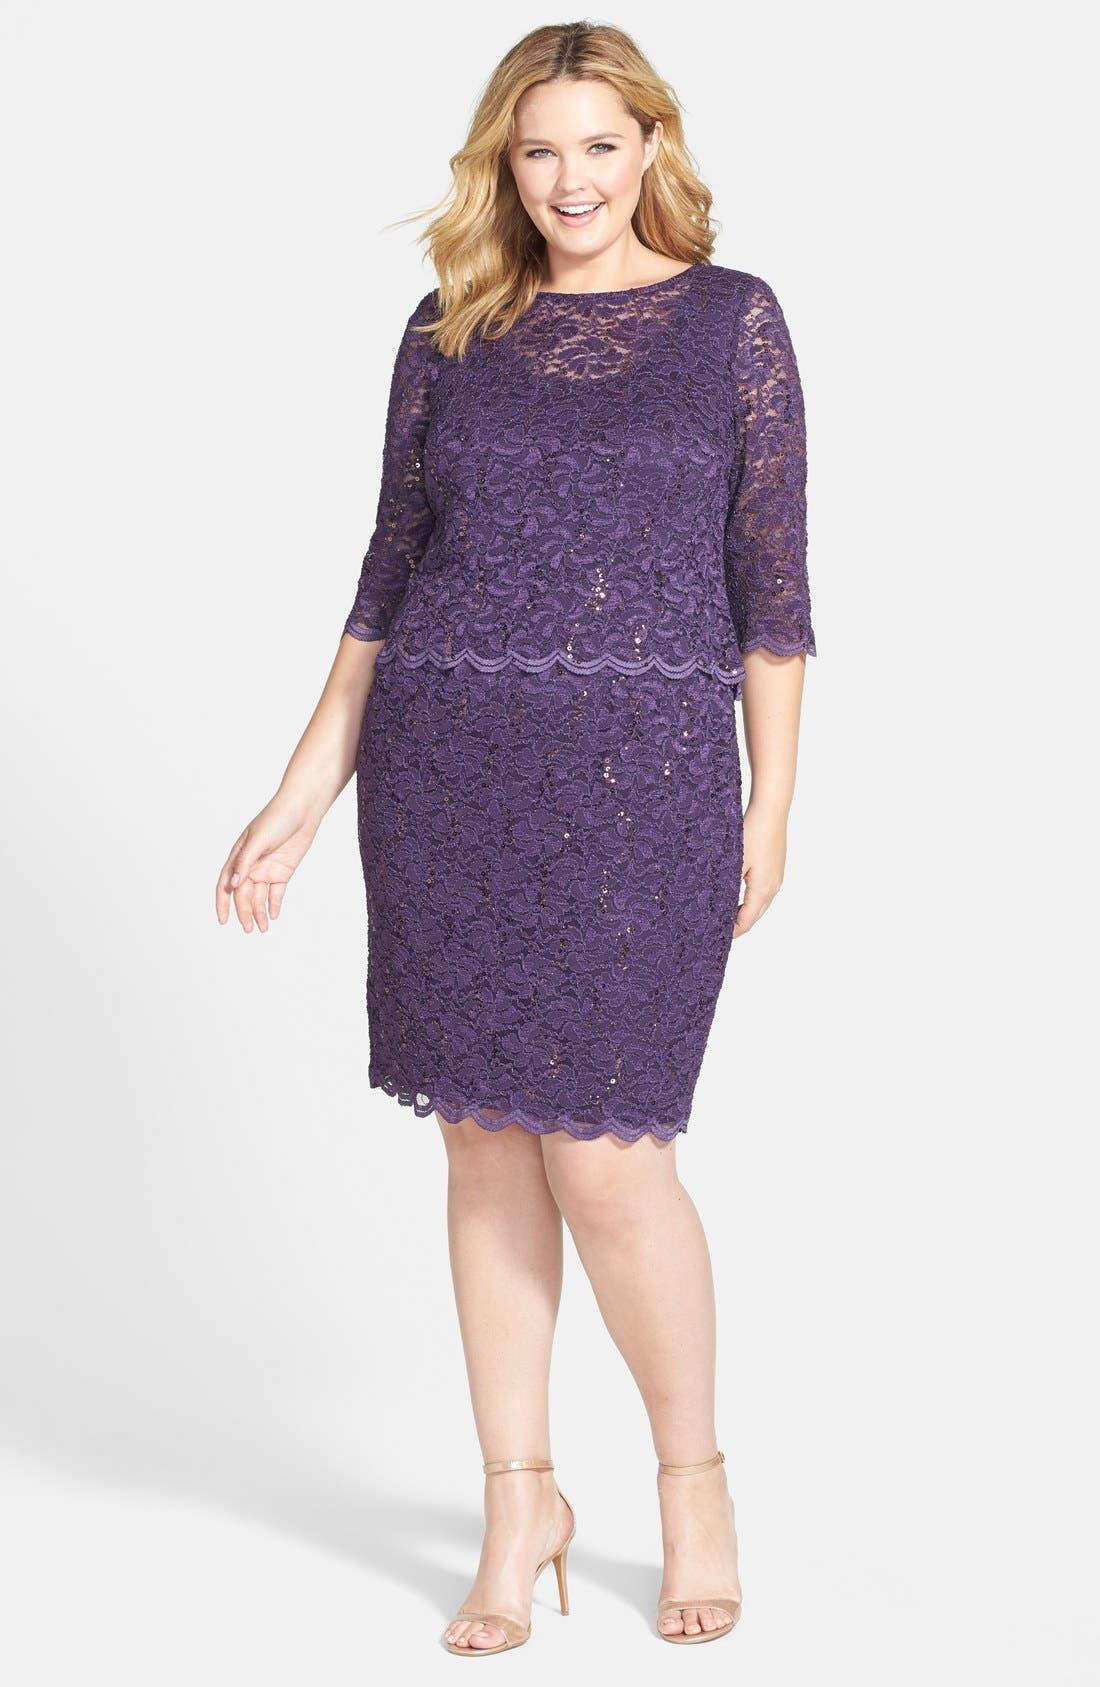 Main Image - Alex Evenings Embellished Lace Sheath Dress (Plus Size)